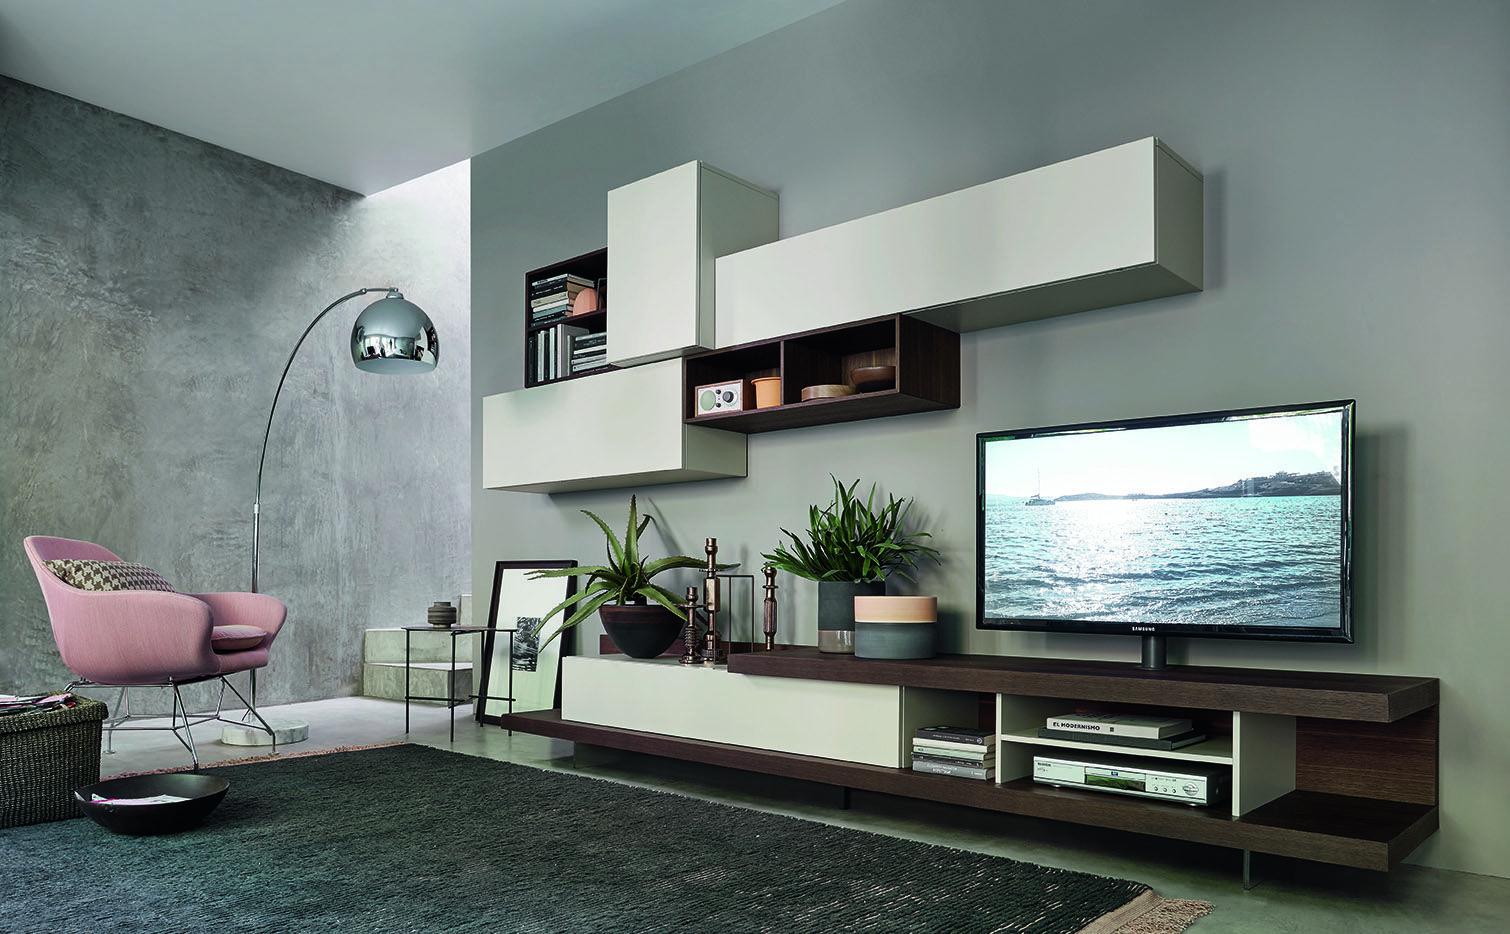 Besondere Wohnwand C52 Von Livitalia Aus Italien Mit Integrierter Säulen TV  Halterung. #Wohnwand #Wohnzimmer #TVBoard #Hängeschrank #livingroom  #furniture